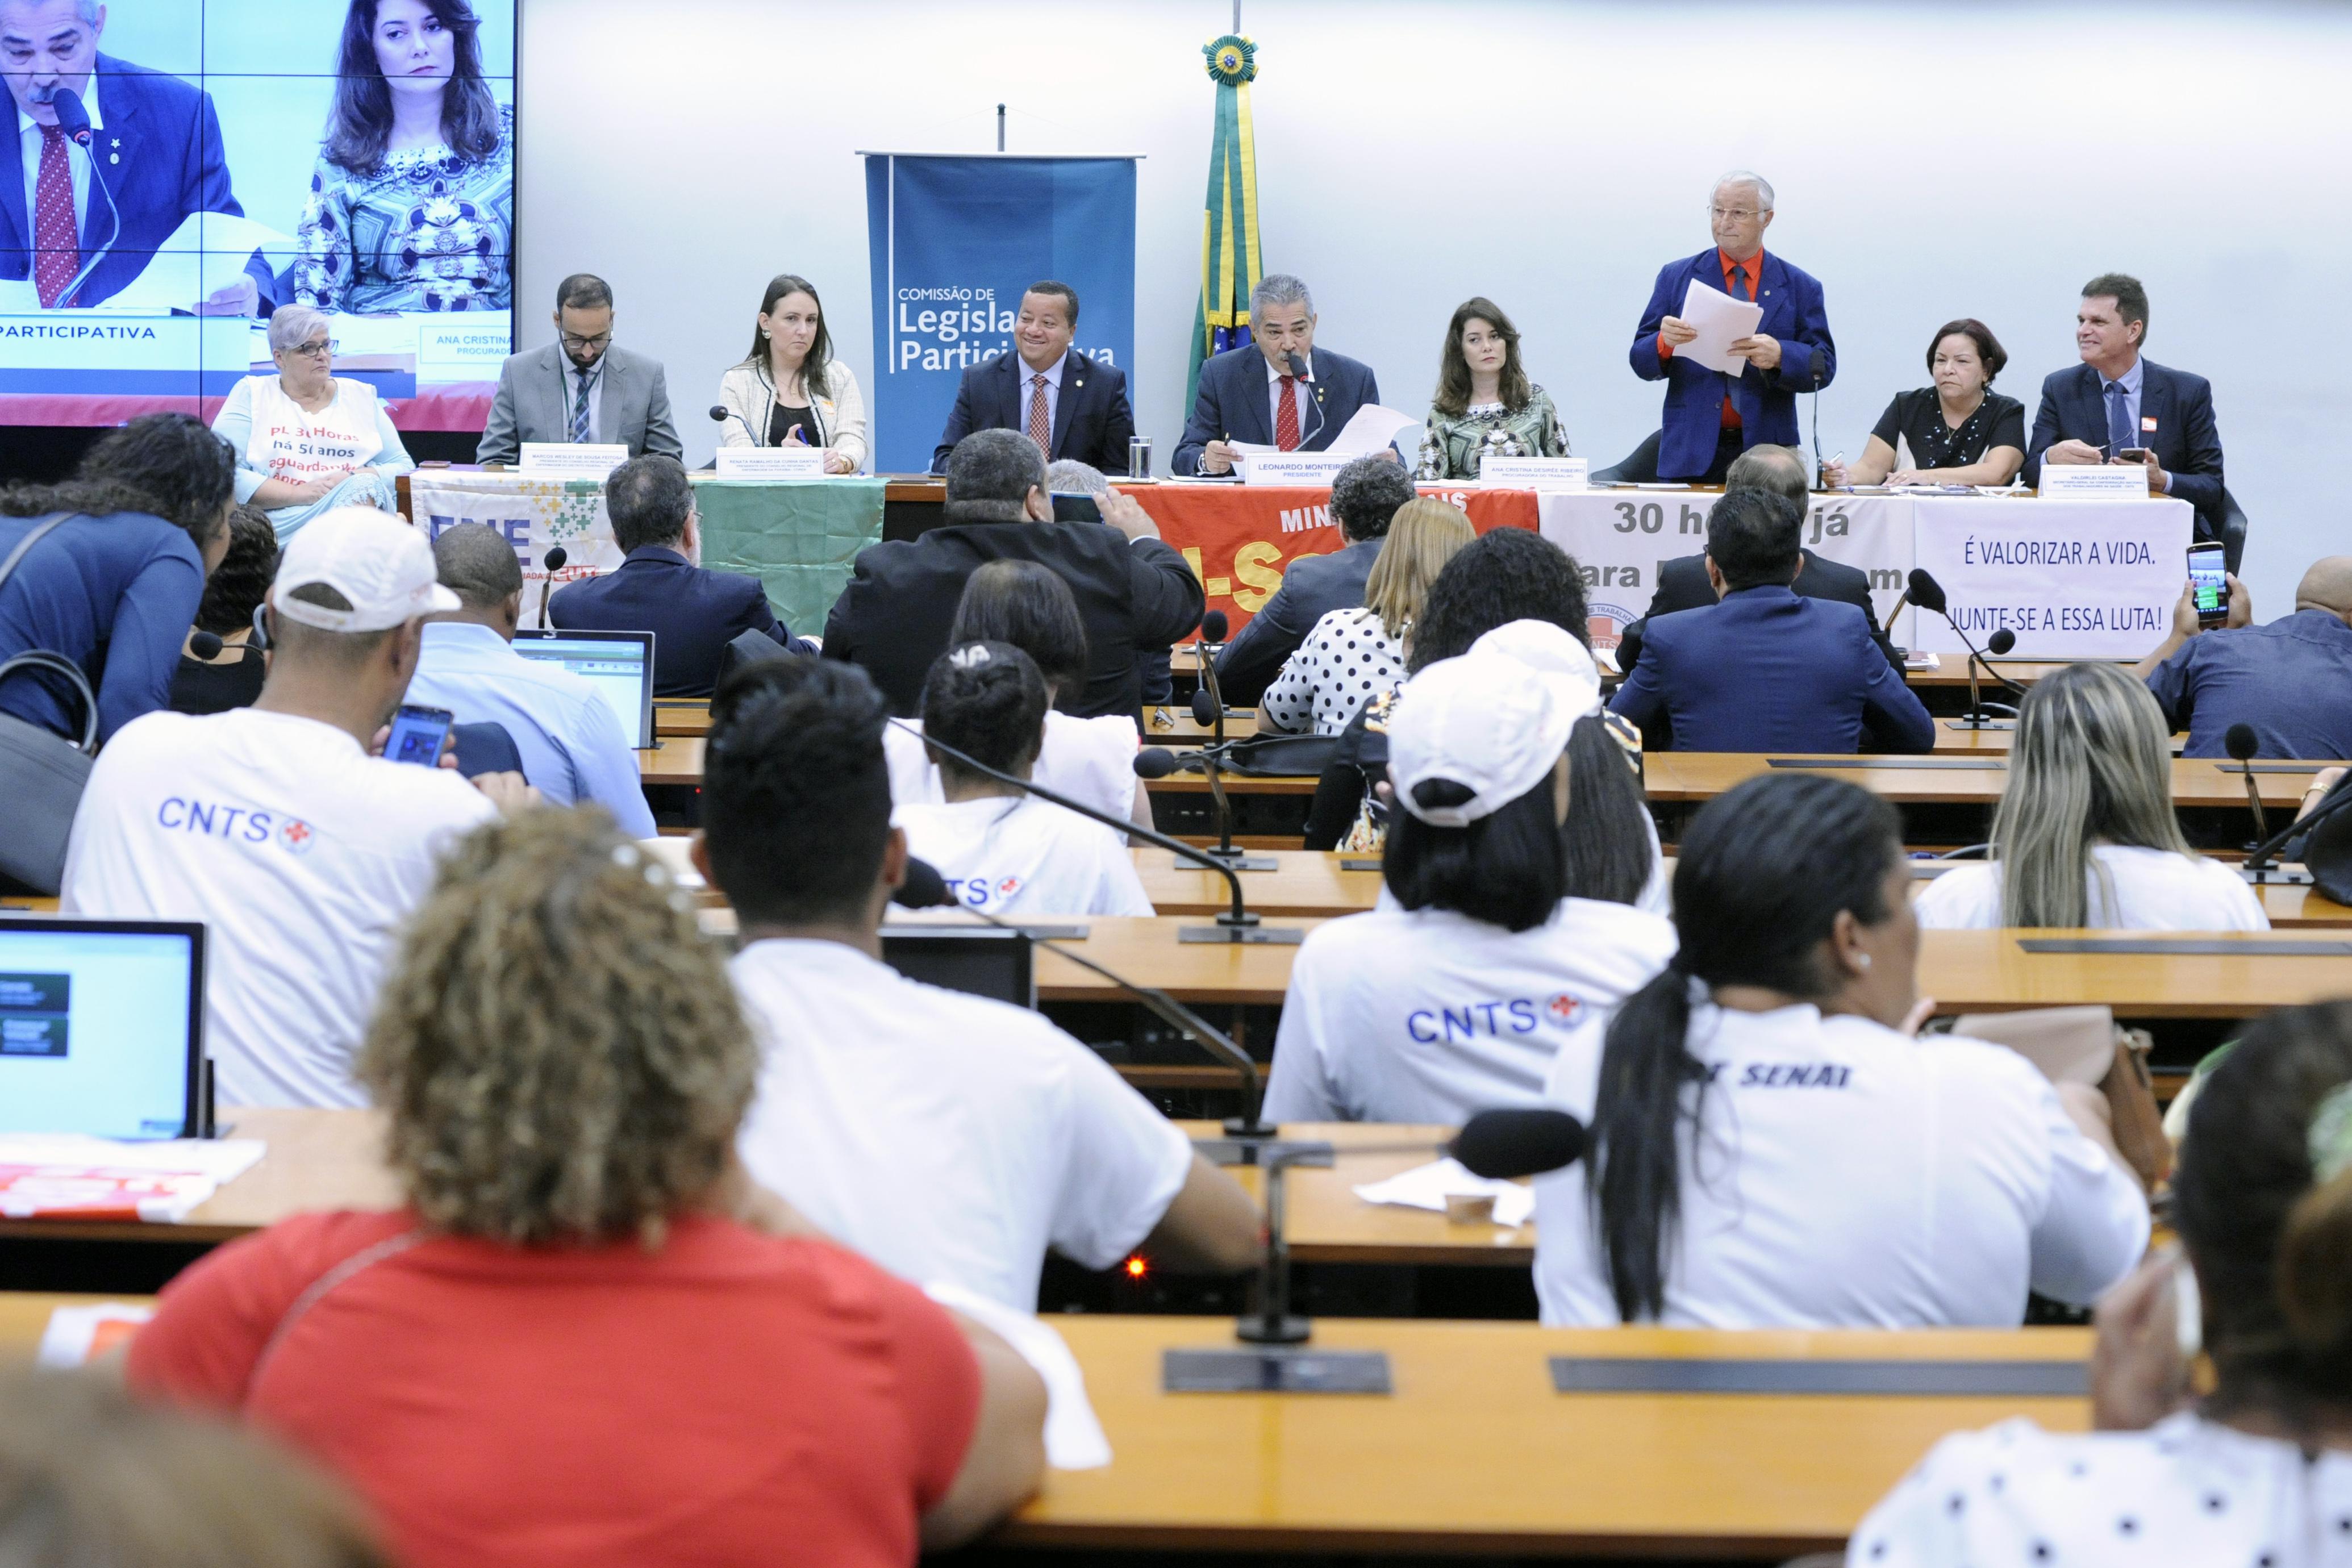 Audiência pública para debater a Jornada de Trabalho dos Enfermeiros, Técnicos e Auxiliares de Enfermagem